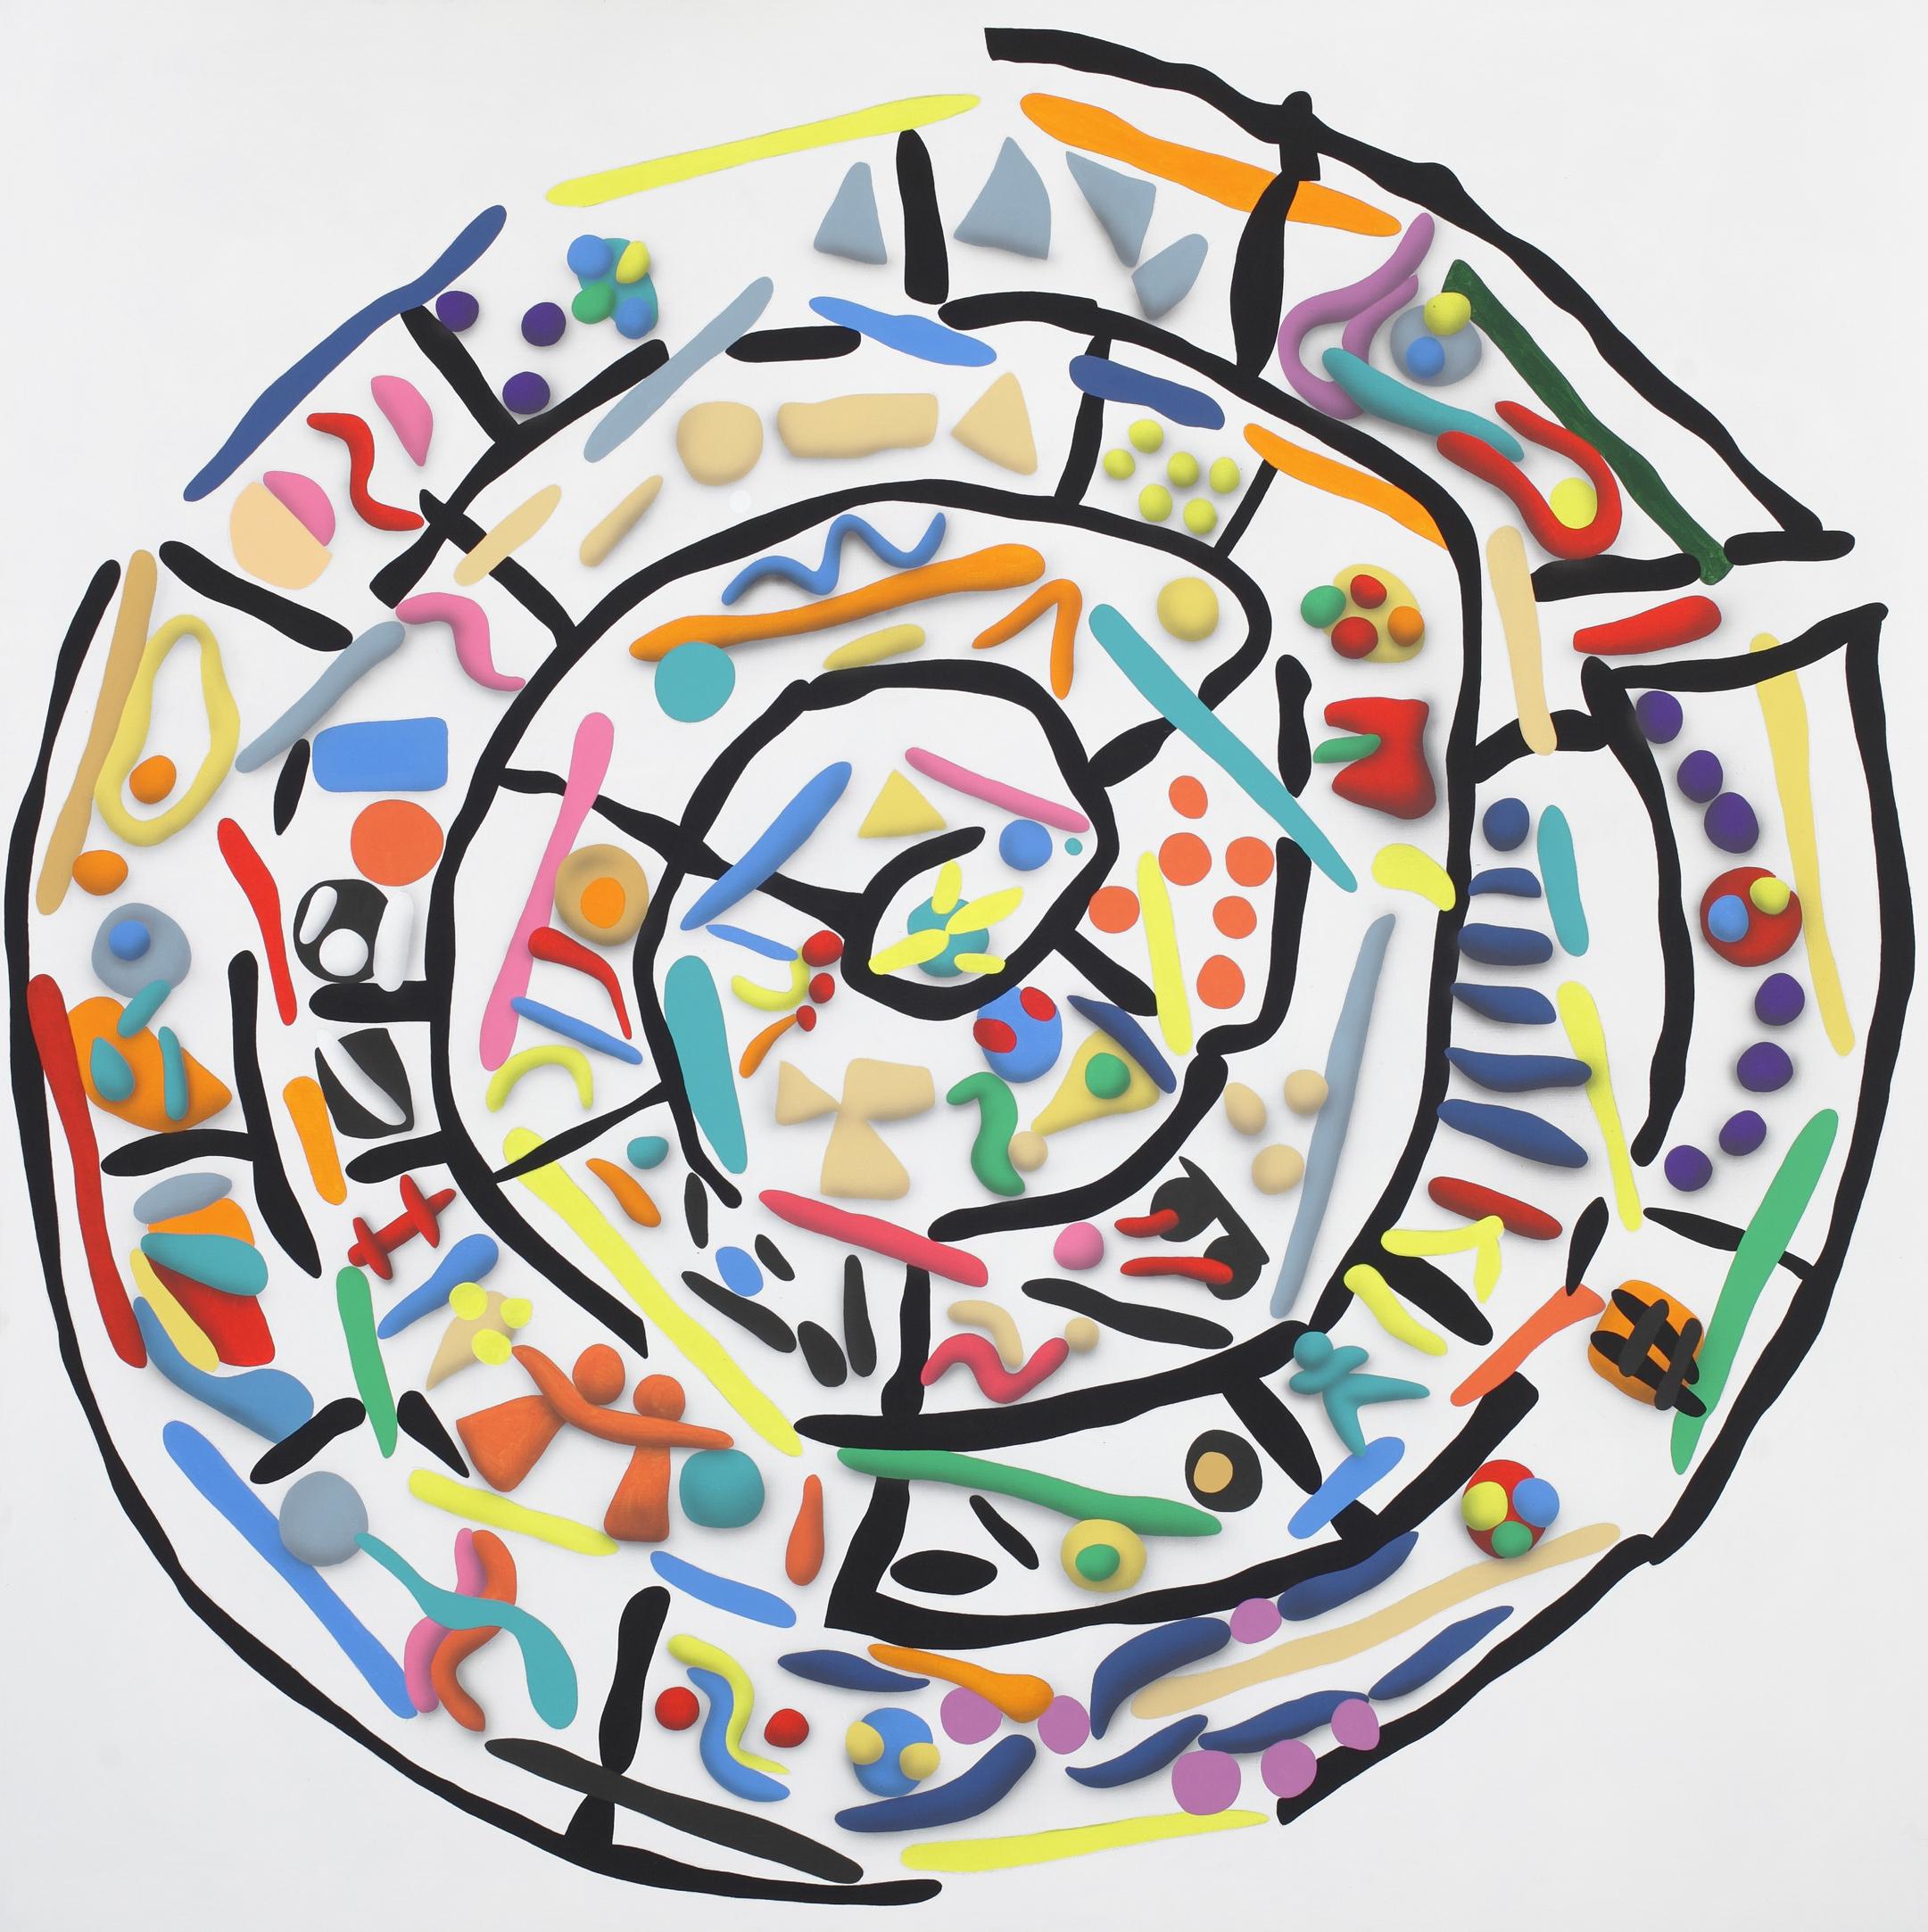 Disk of Faist, side B, 2010, acrylic on canvas, 210 x 210 cm